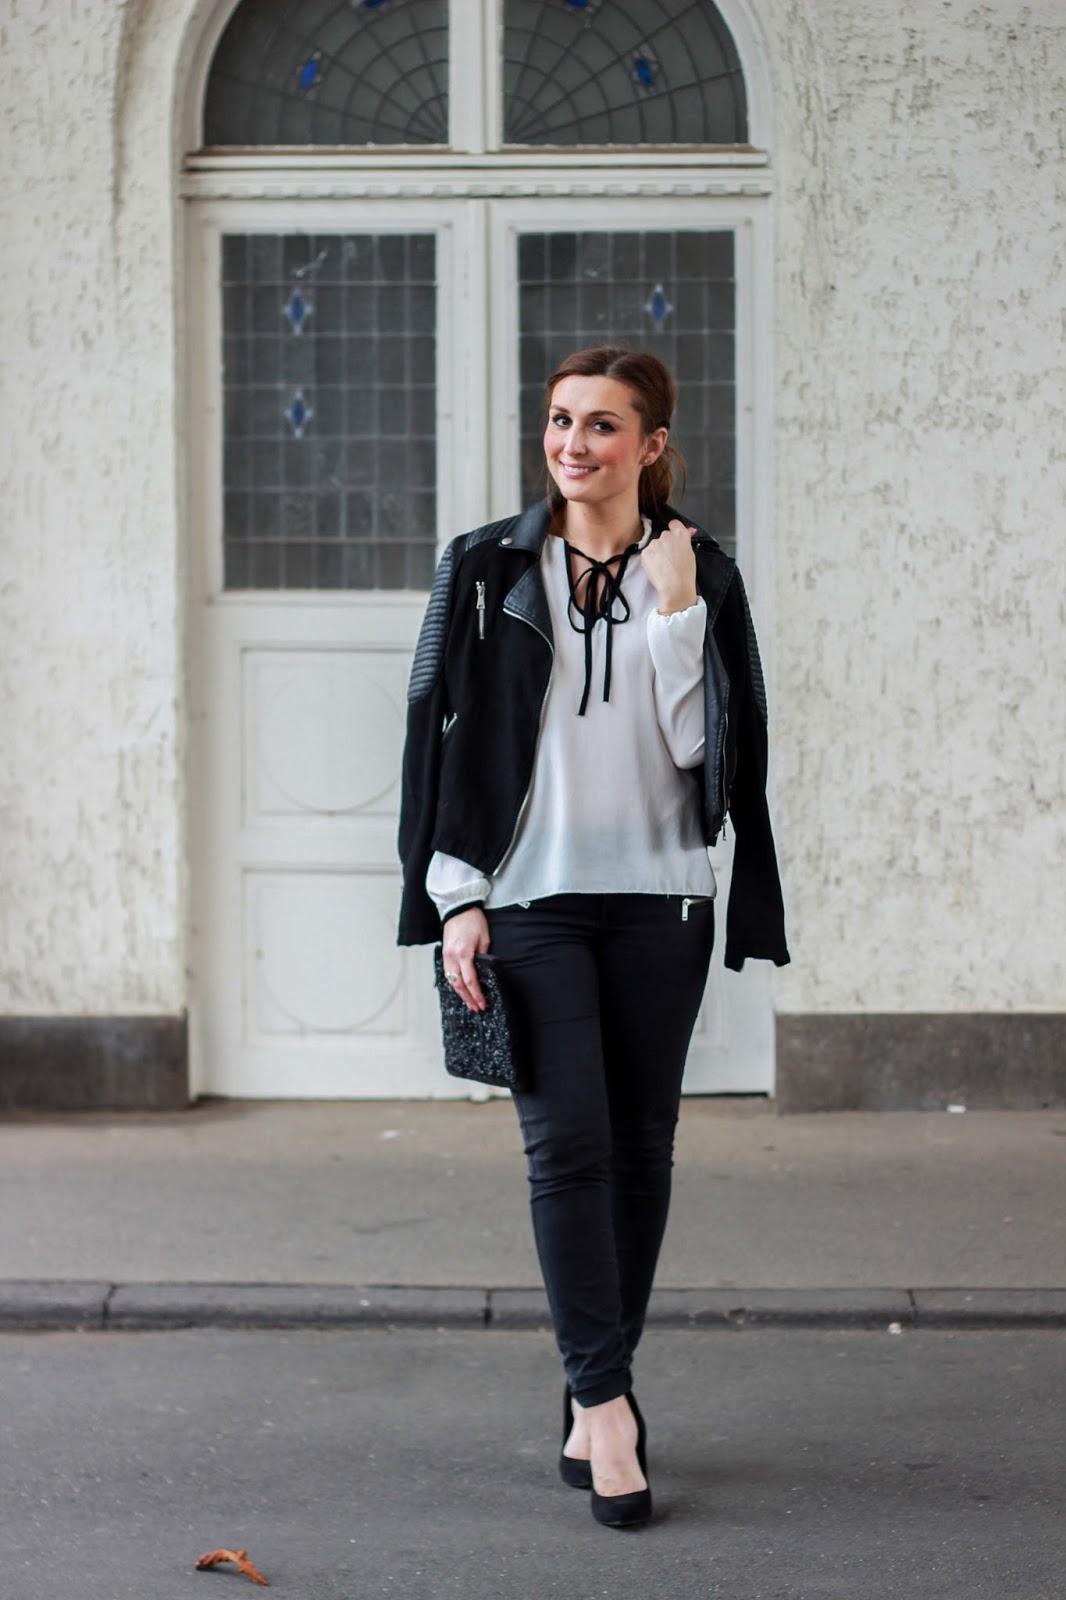 Fashionblogger aus Deutschland - Streetstyleinspiration - Ootd Fashionblogger - Weiße Bluse kombinieren - rockiger Look - Fashionblogger aus Deutschland